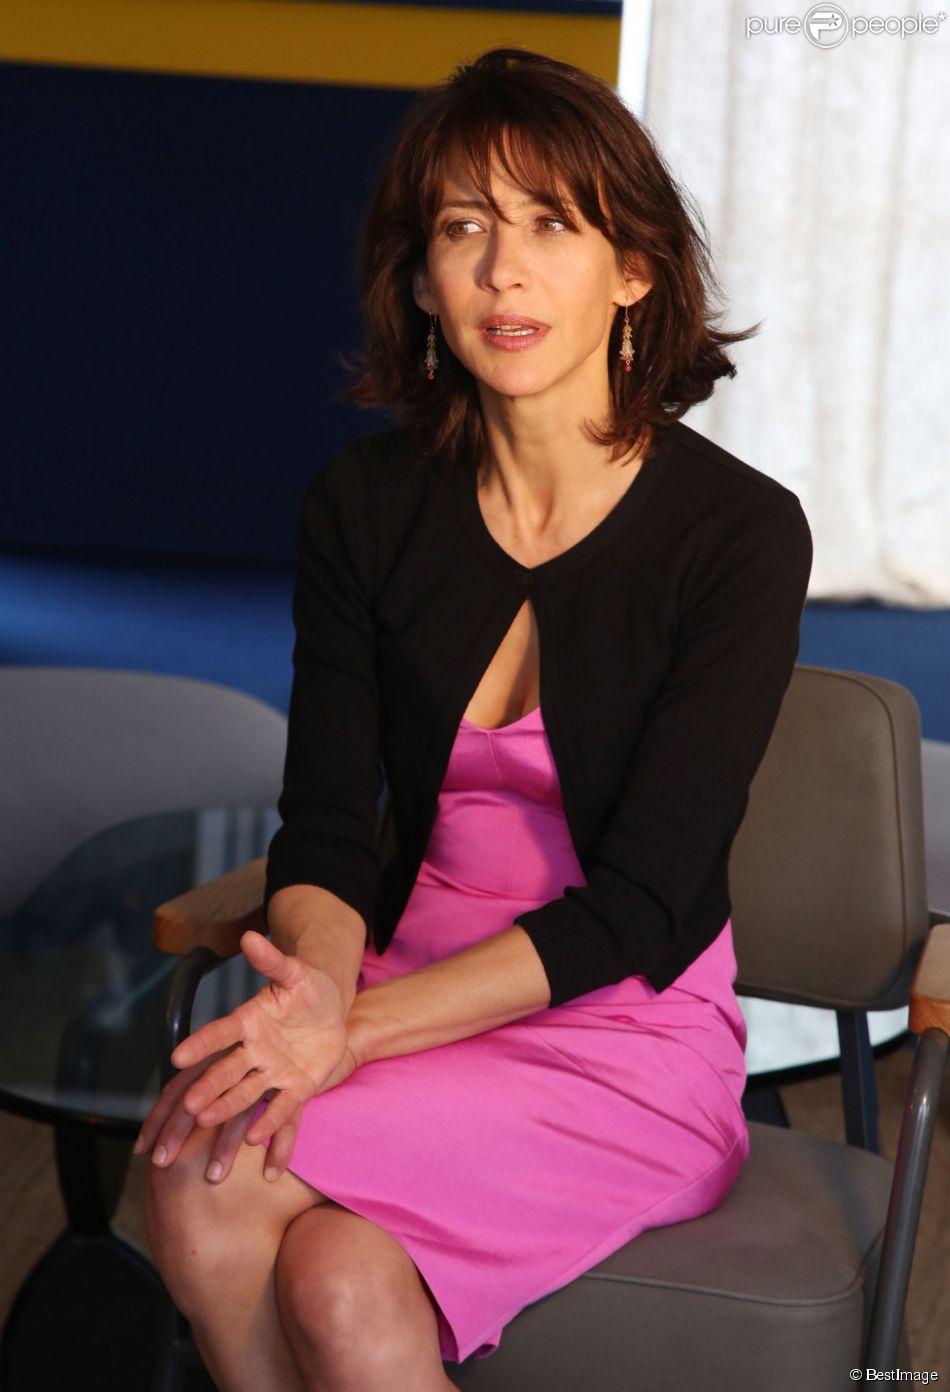 """Exclusif - Sophie Marceau lors d'une interview pour la promotion du film """"Tu veux ou tu veux pas"""" avec Patrick Bruel au Pavillon Unifrance lors du 67e Festival du film de Cannes, le 19 mai 2014."""